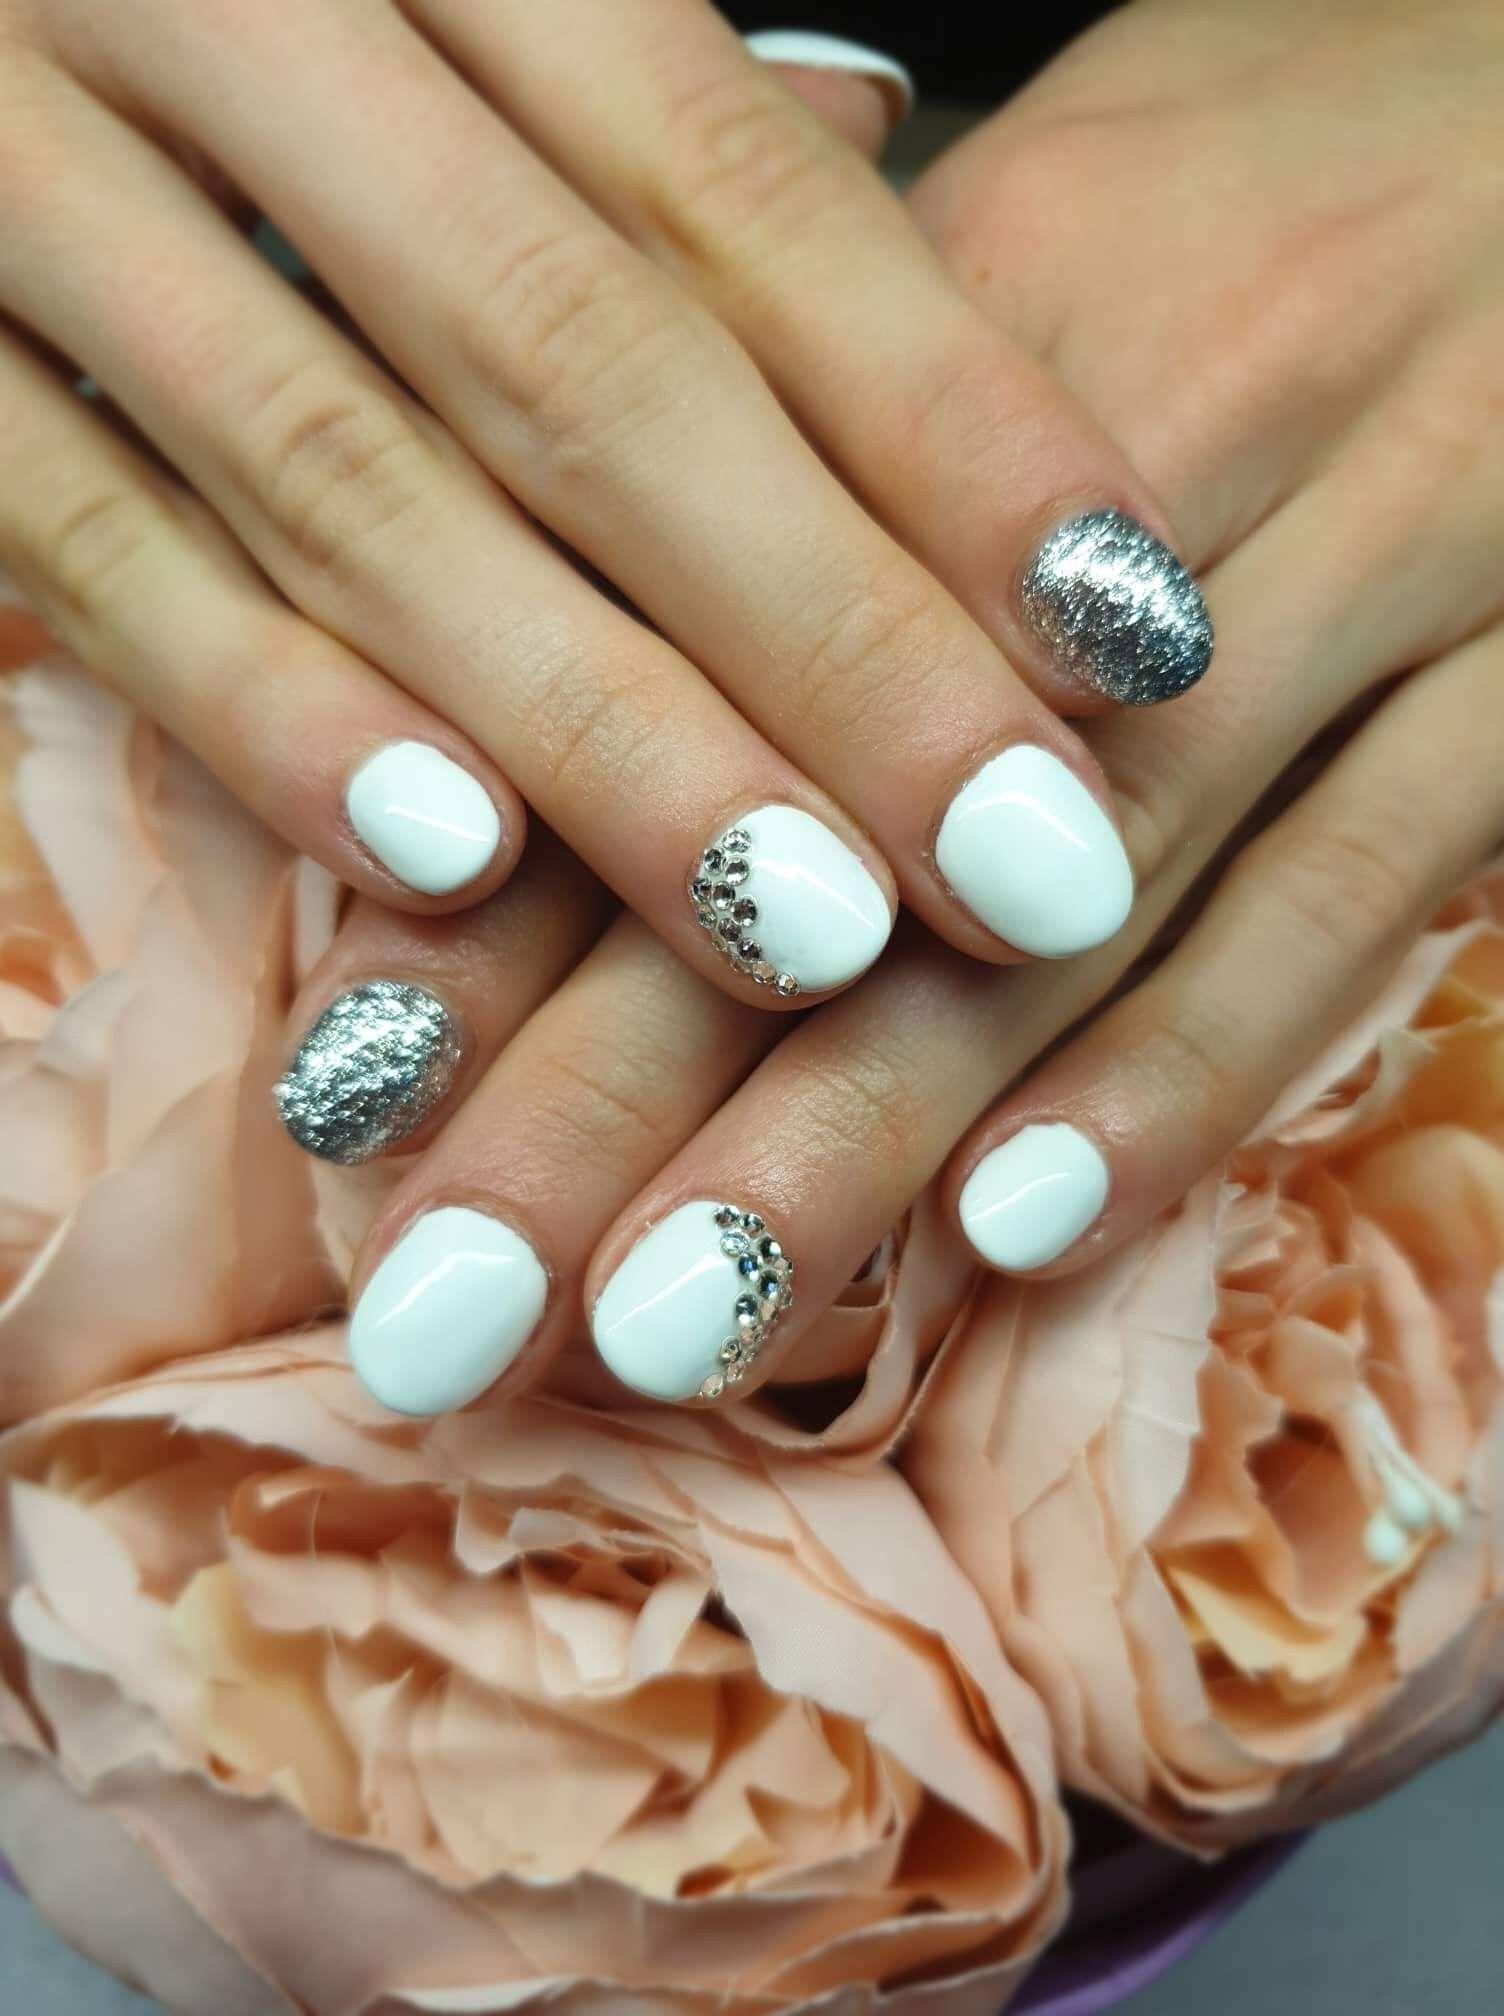 c6911008bd Rövid fehér, ezüst köröm | Körmök ekkor: 2019 | Nails és Beauty